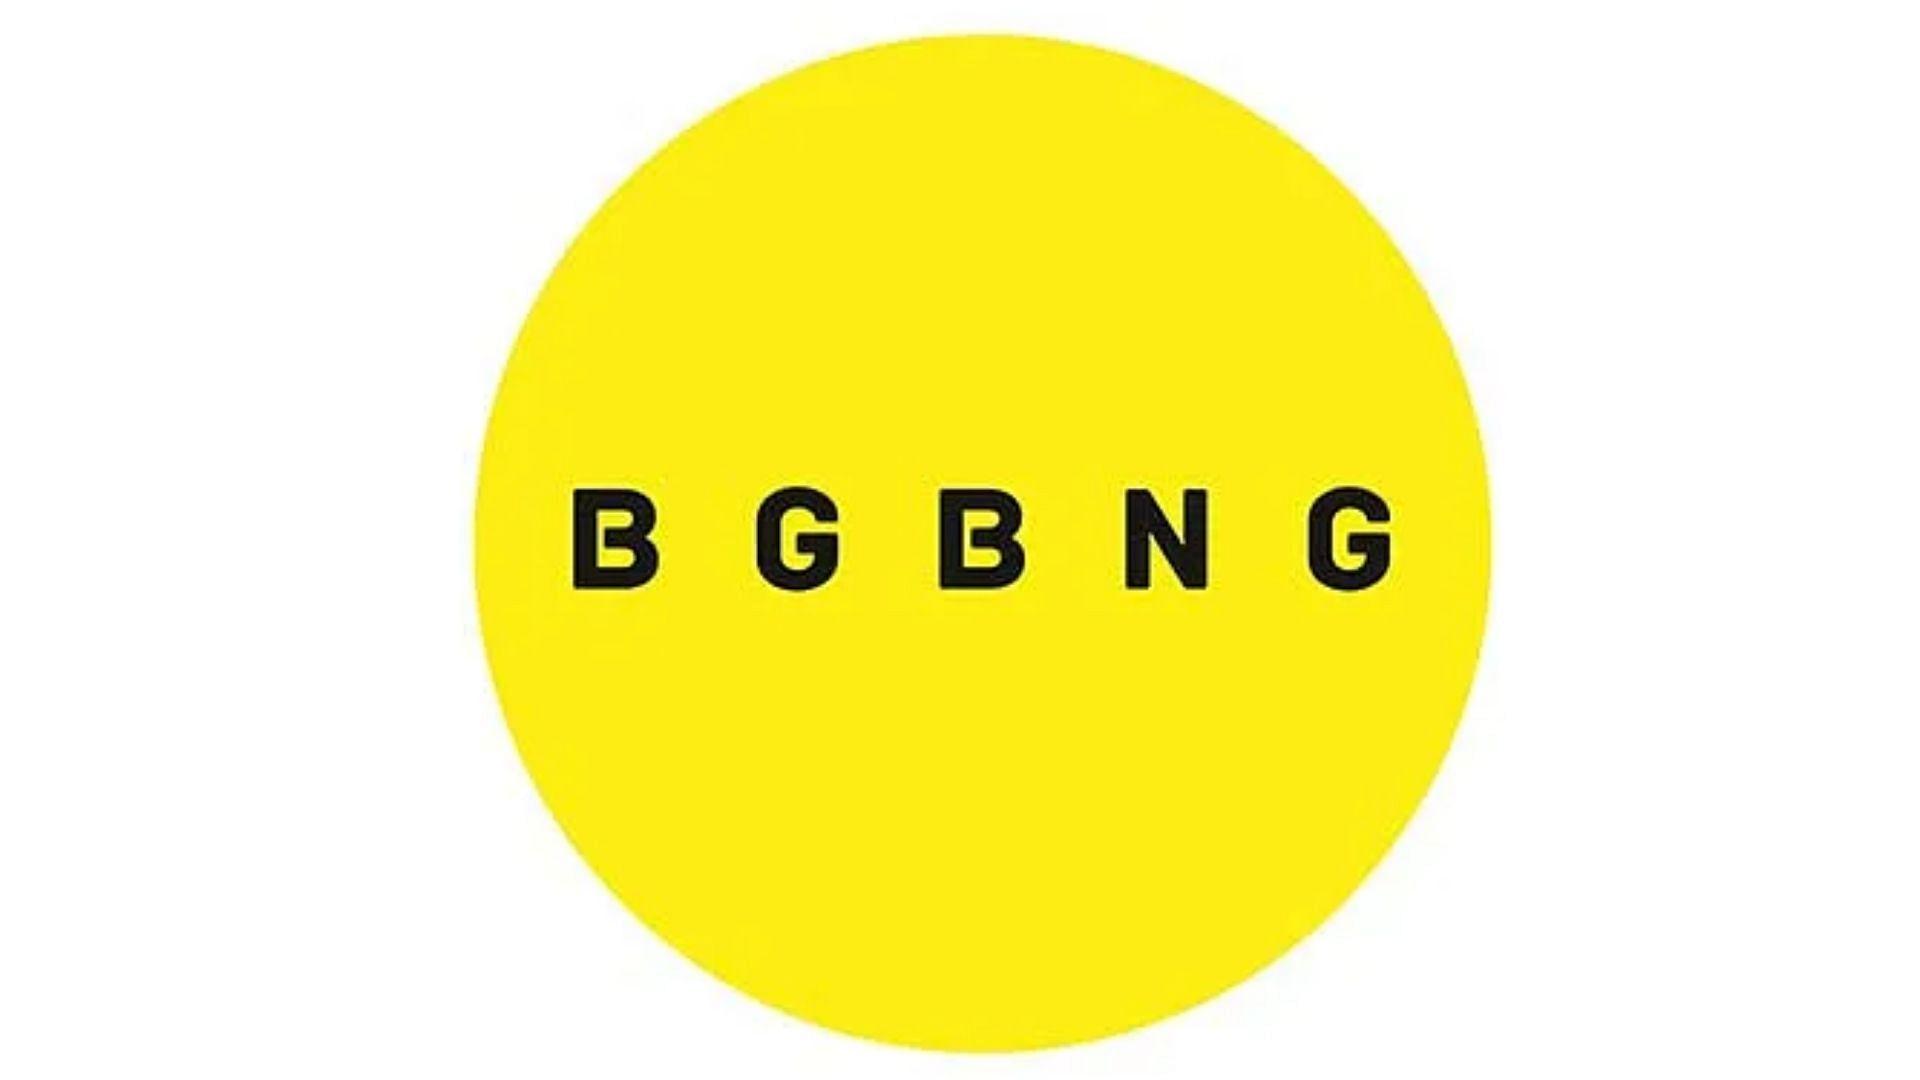 bcbng?blur=25